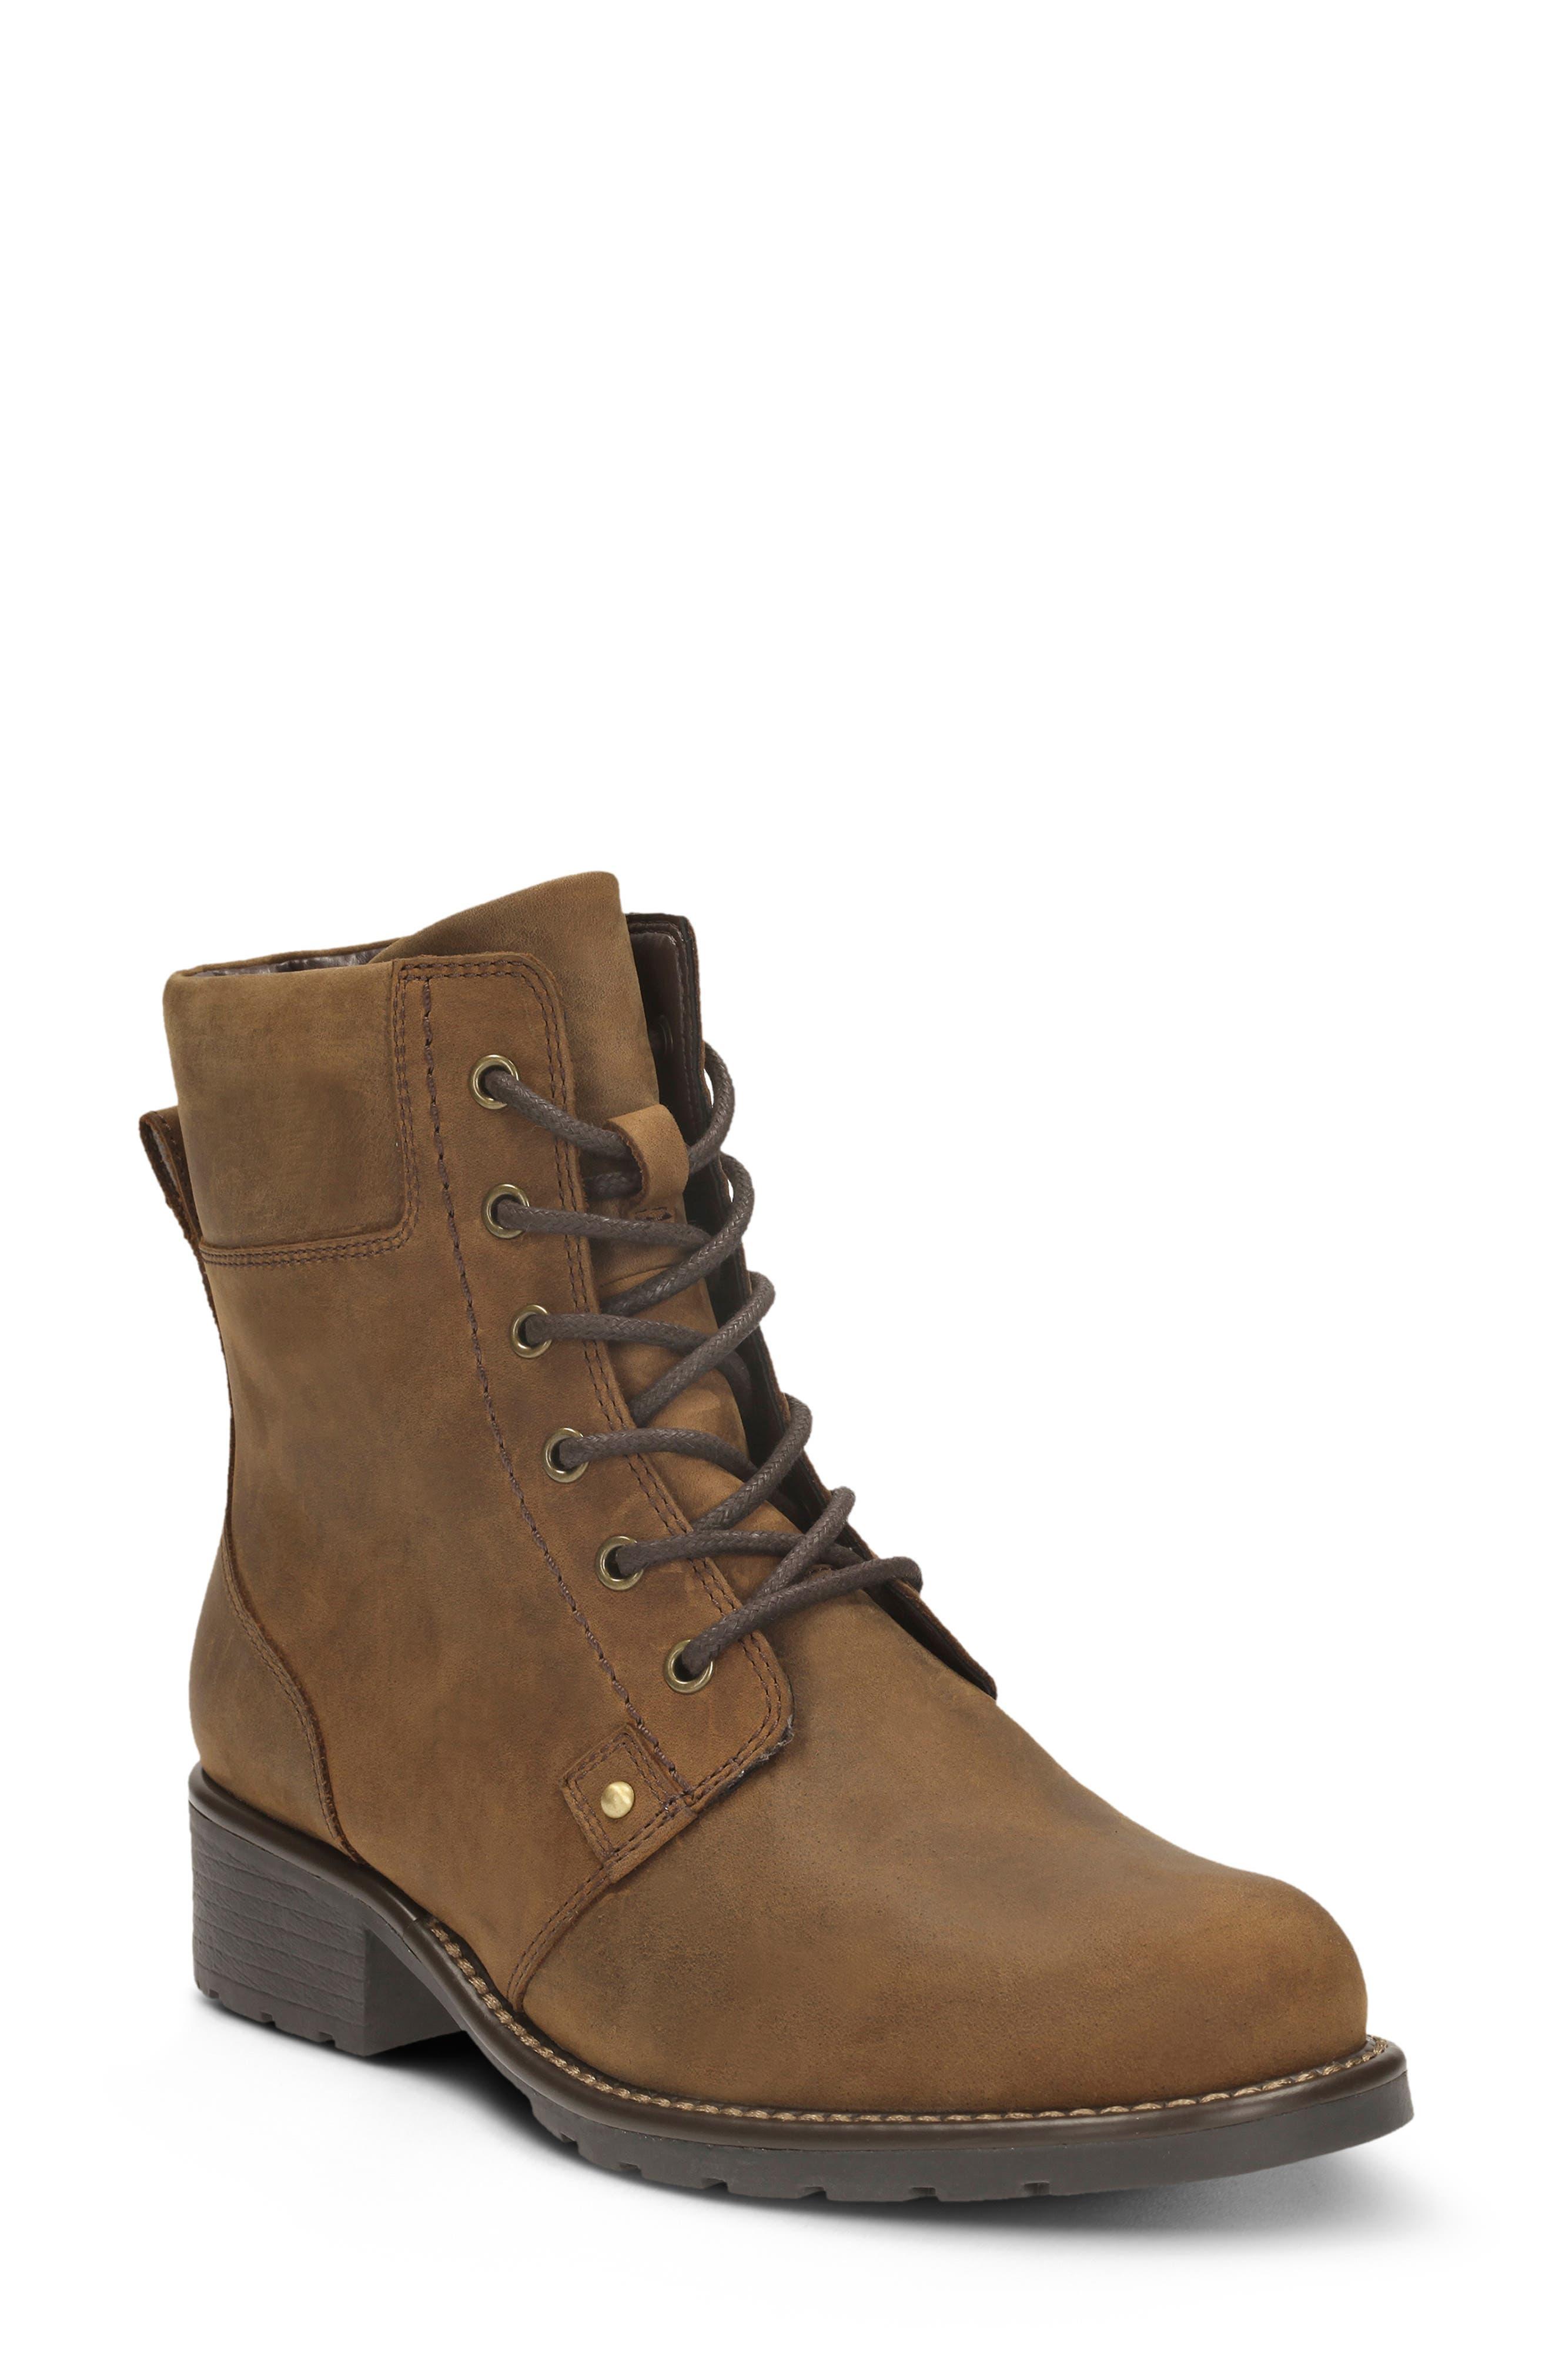 Schuhe Online Shop Clarks Herren Desert Boot tan sand suede